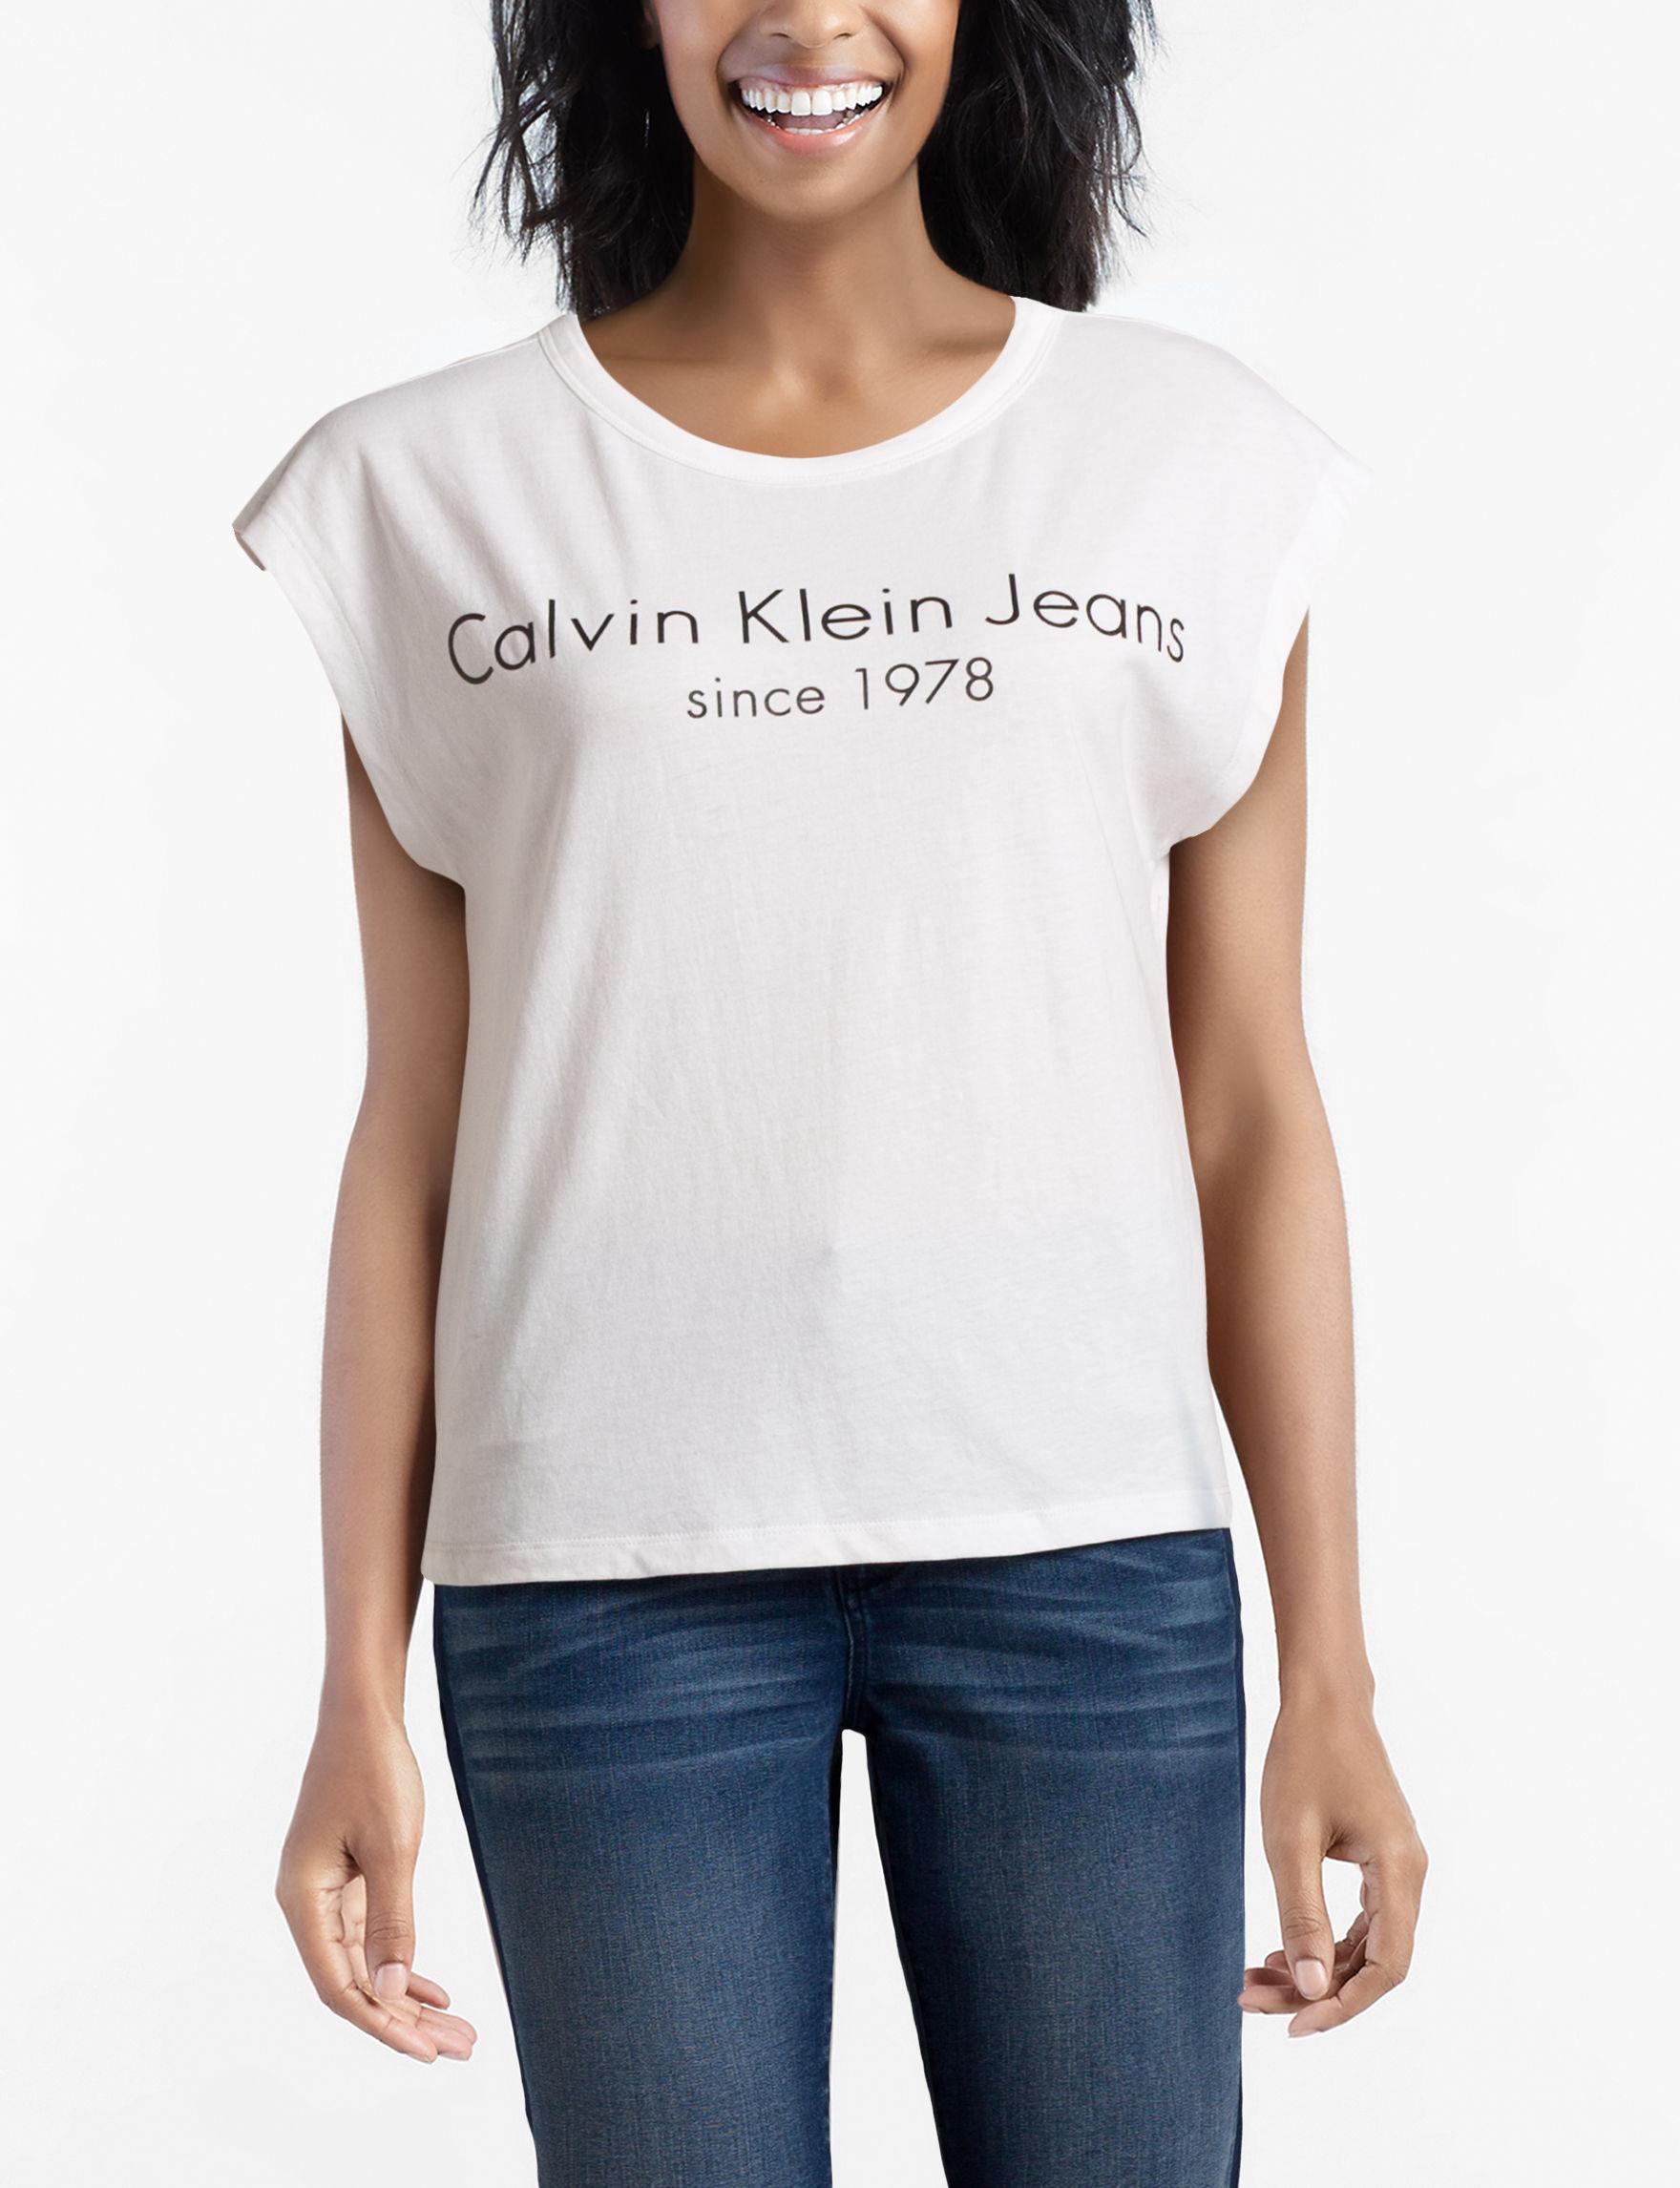 Calvin Klein Jeans White Shirts & Blouses Tees & Tanks